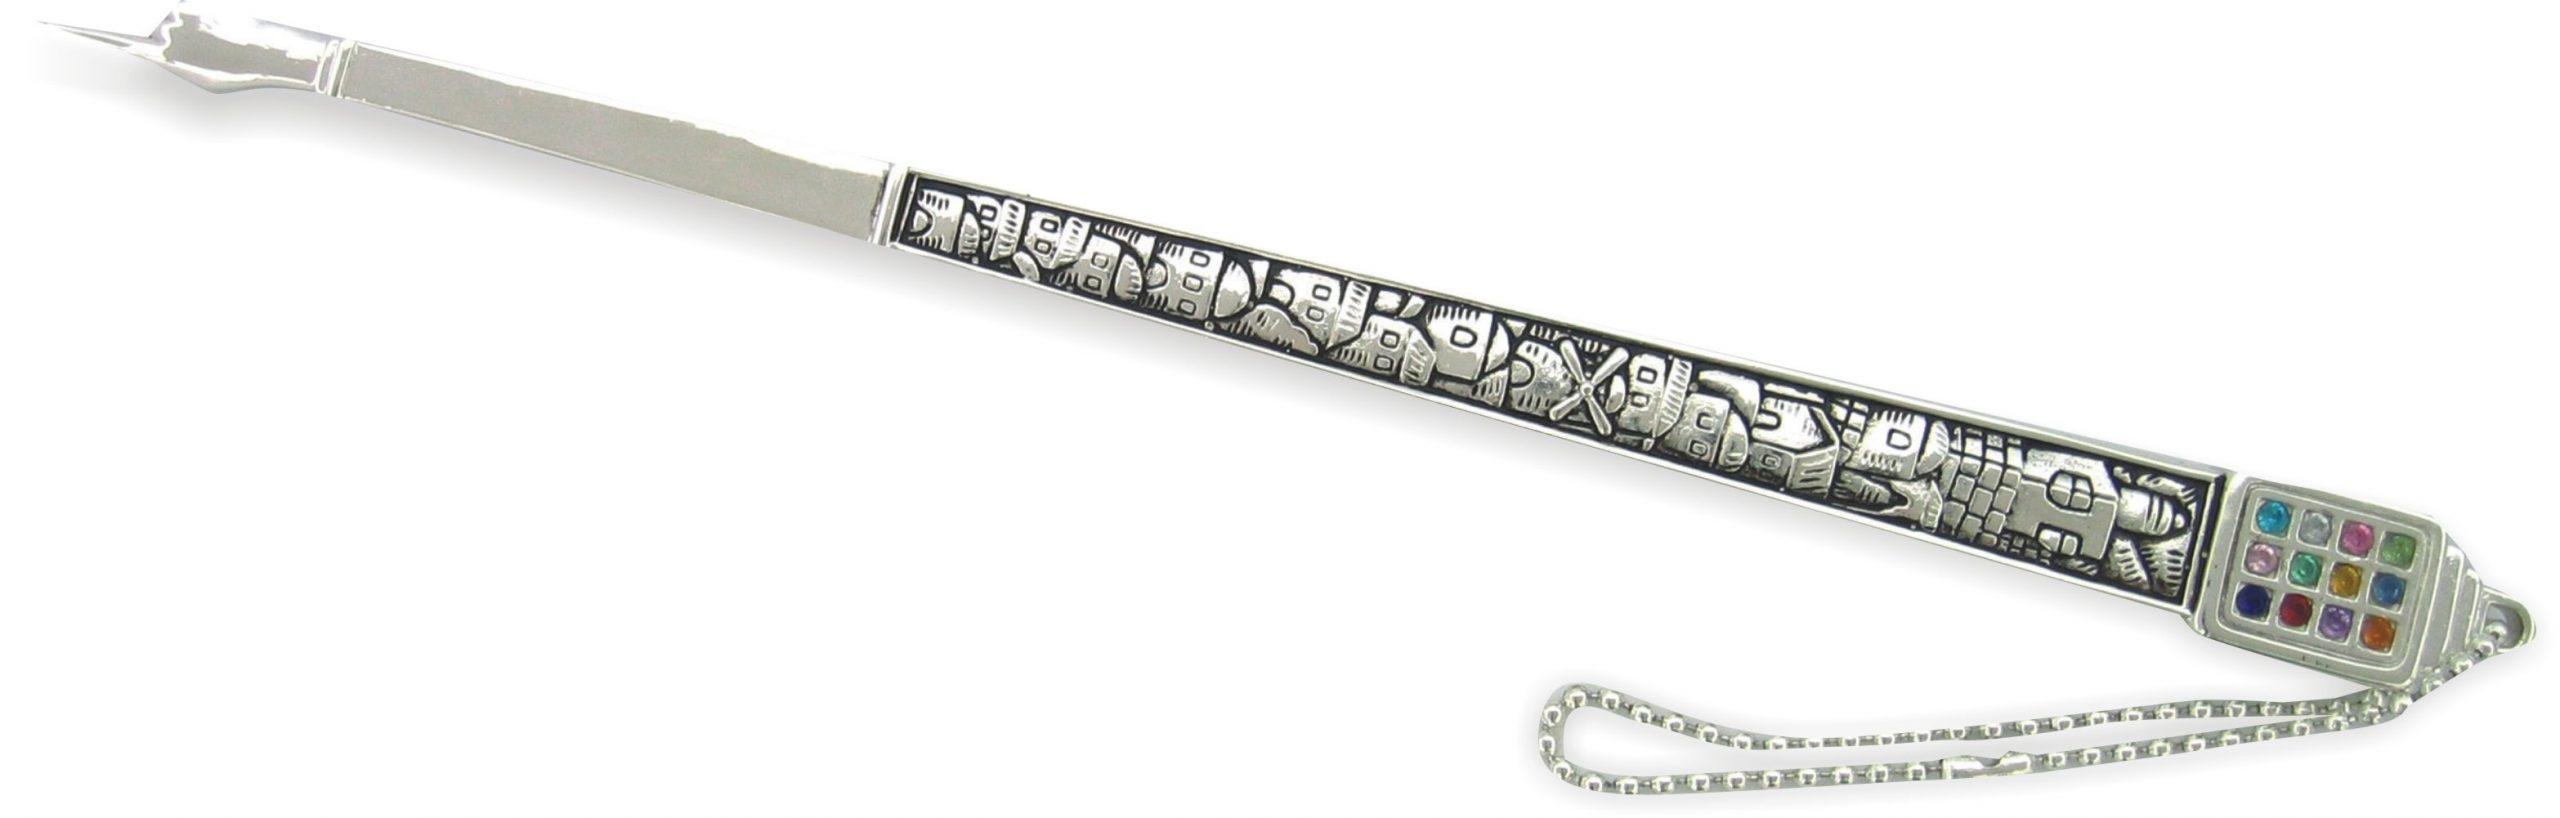 Elegant Nickel Plated Yad For Torah 24 Cm- Jerusalem And Choshen Motif